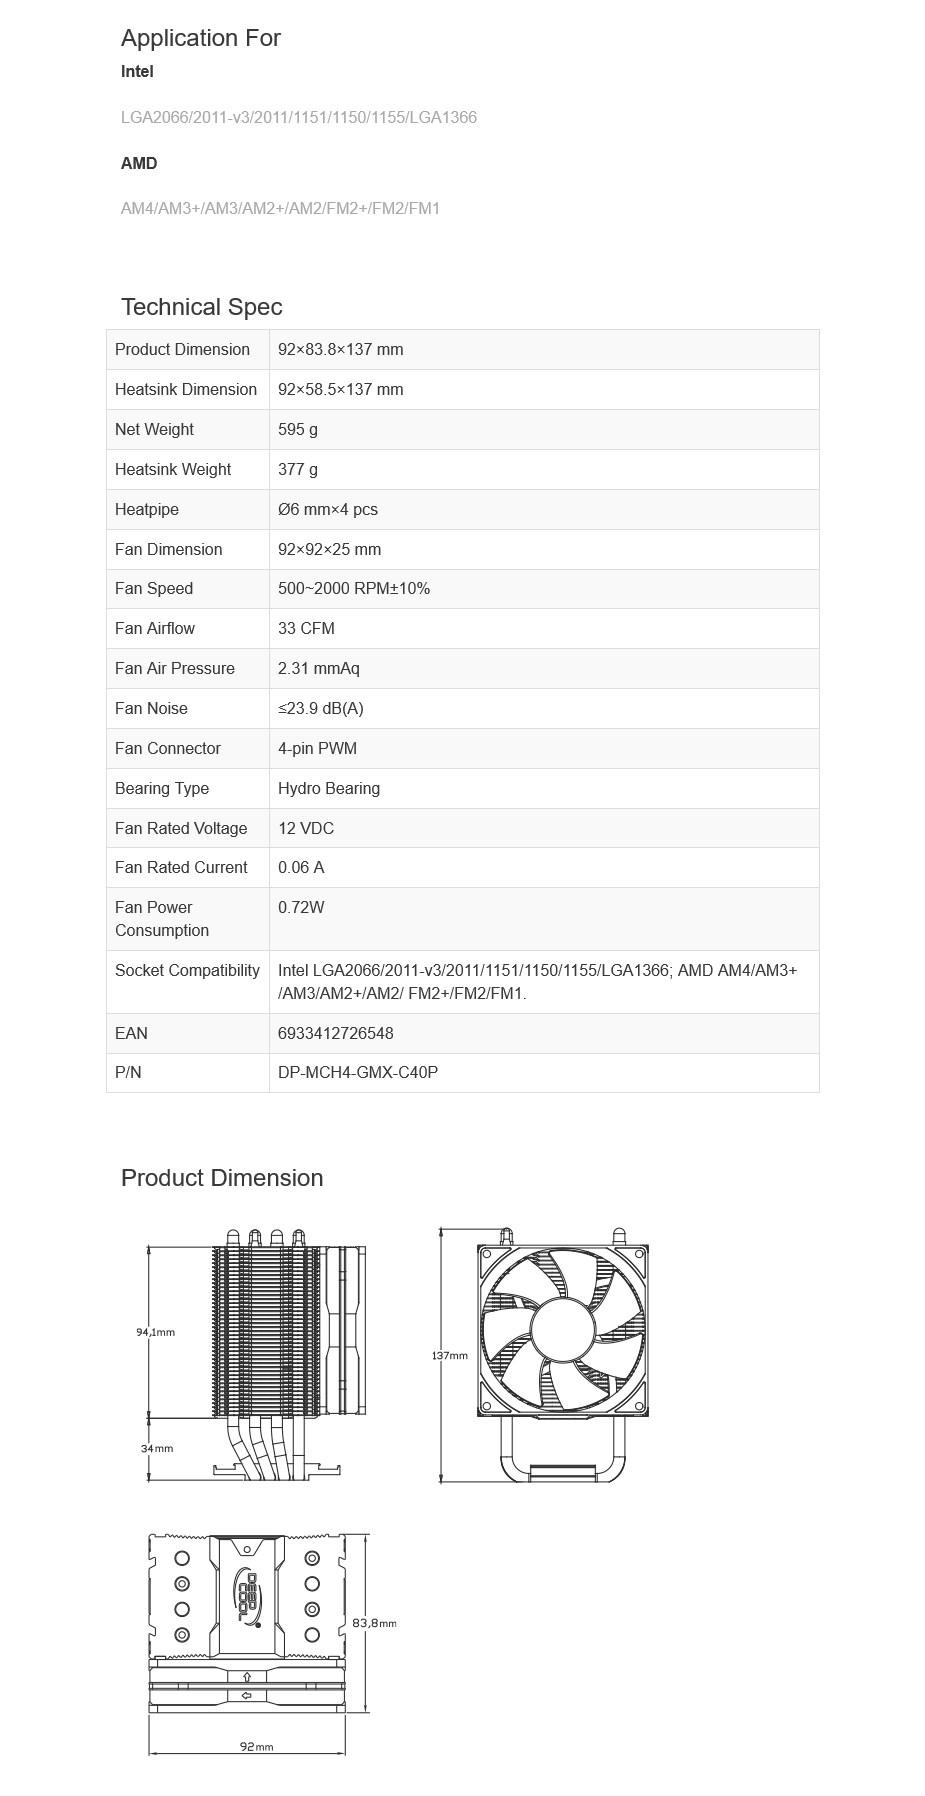 Deepcool Gammaxx C40 Multi-Socket CPU Cooler - Desktop Overview 3